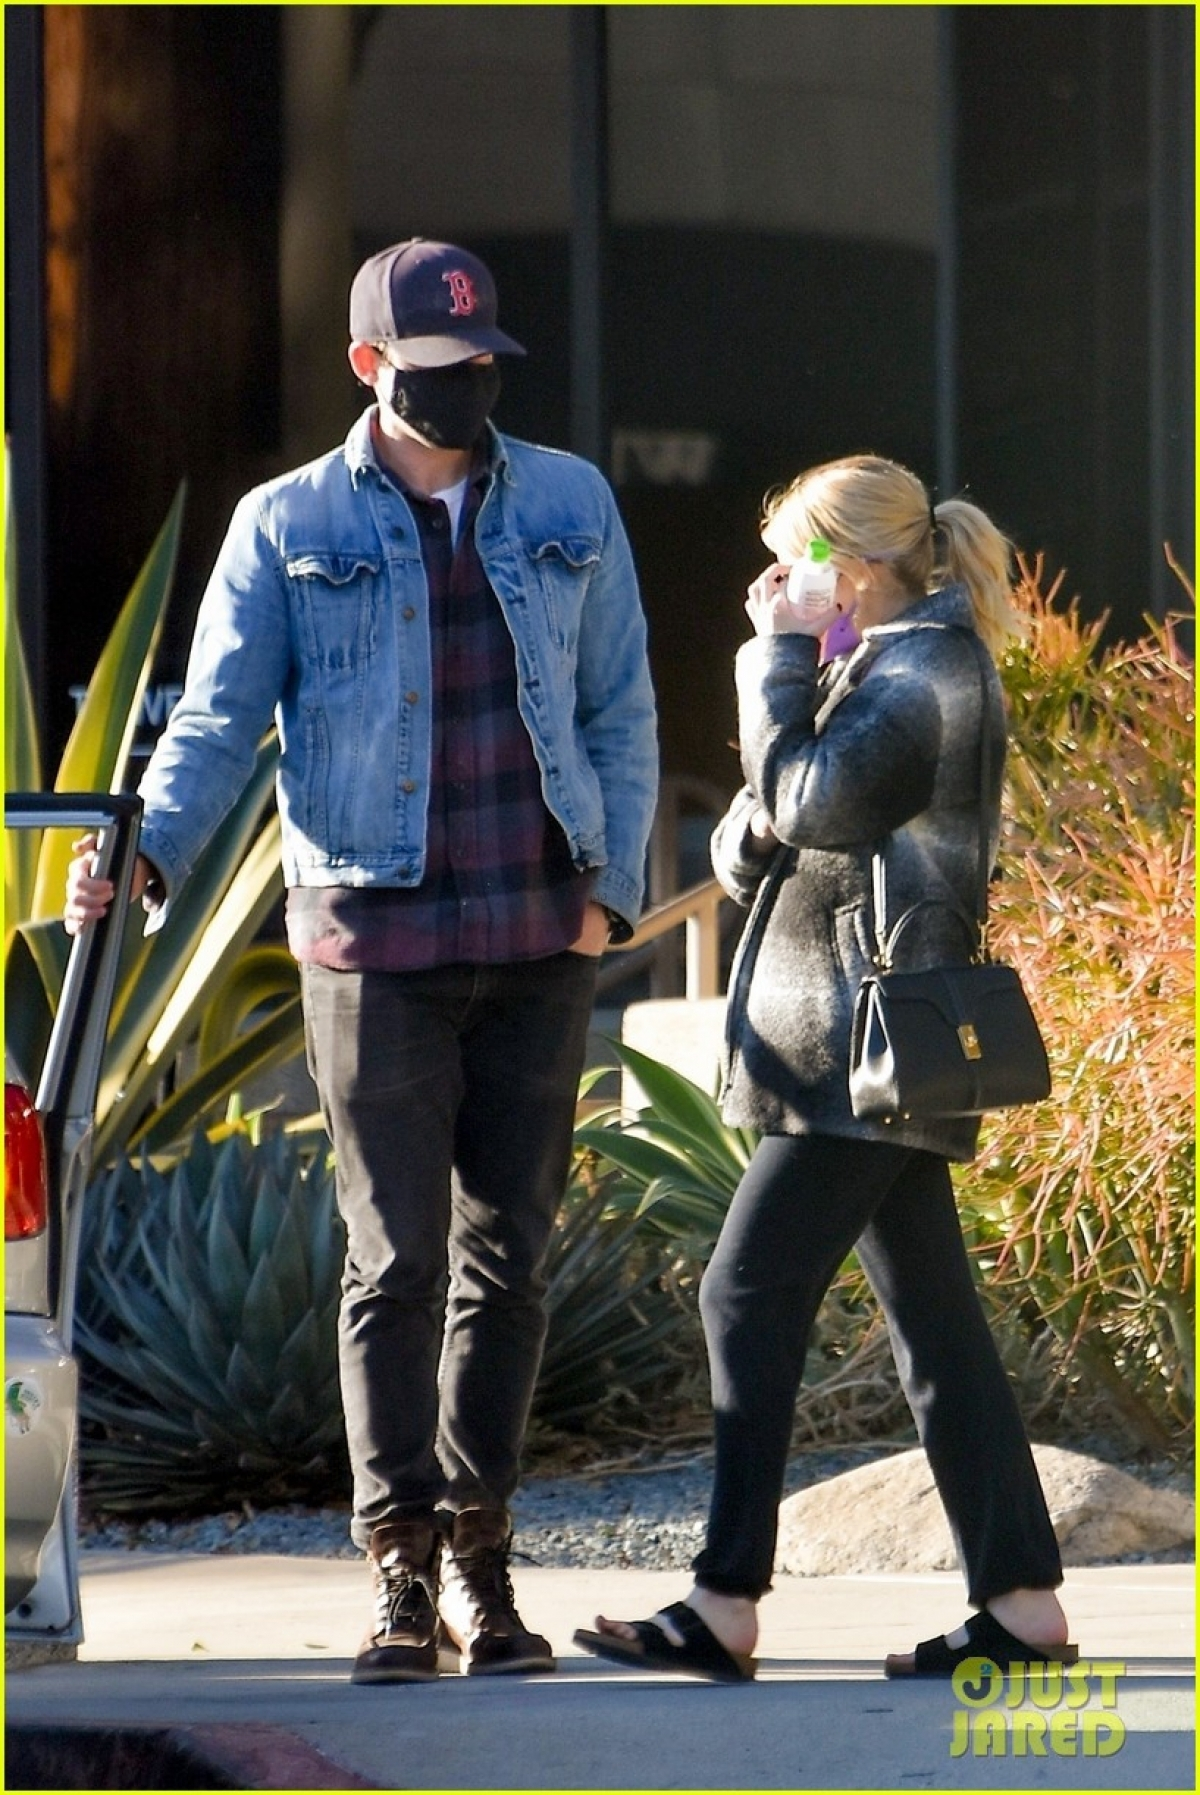 Một người thân của nữ diễn viên cho biết Emma Roberts và Evan Peters đã chia tay từ lâu nhưng họ vẫn xem nhau là bạn bè.